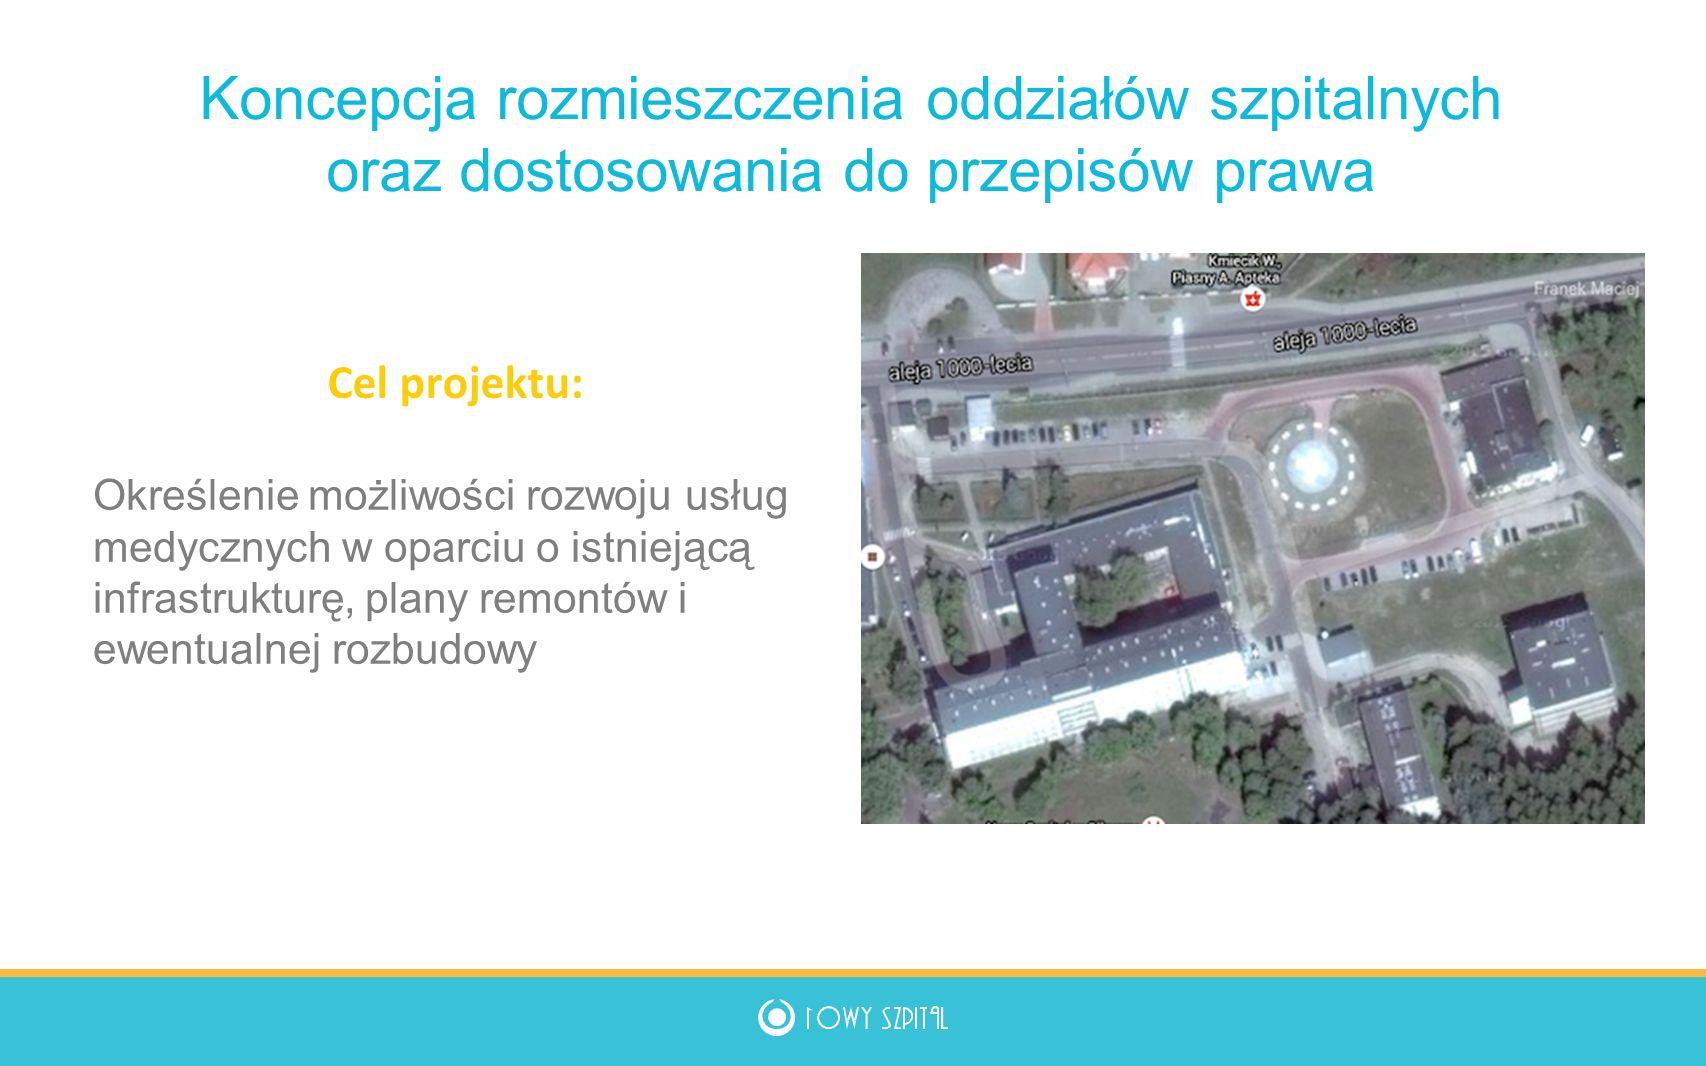 Koncepcja rozmieszczenia oddziałów szpitalnych oraz dostosowania do przepisów prawa Cel projektu: Określenie możliwości rozwoju usług medycznych w oparciu o istniejącą infrastrukturę, plany remontów i ewentualnej rozbudowy